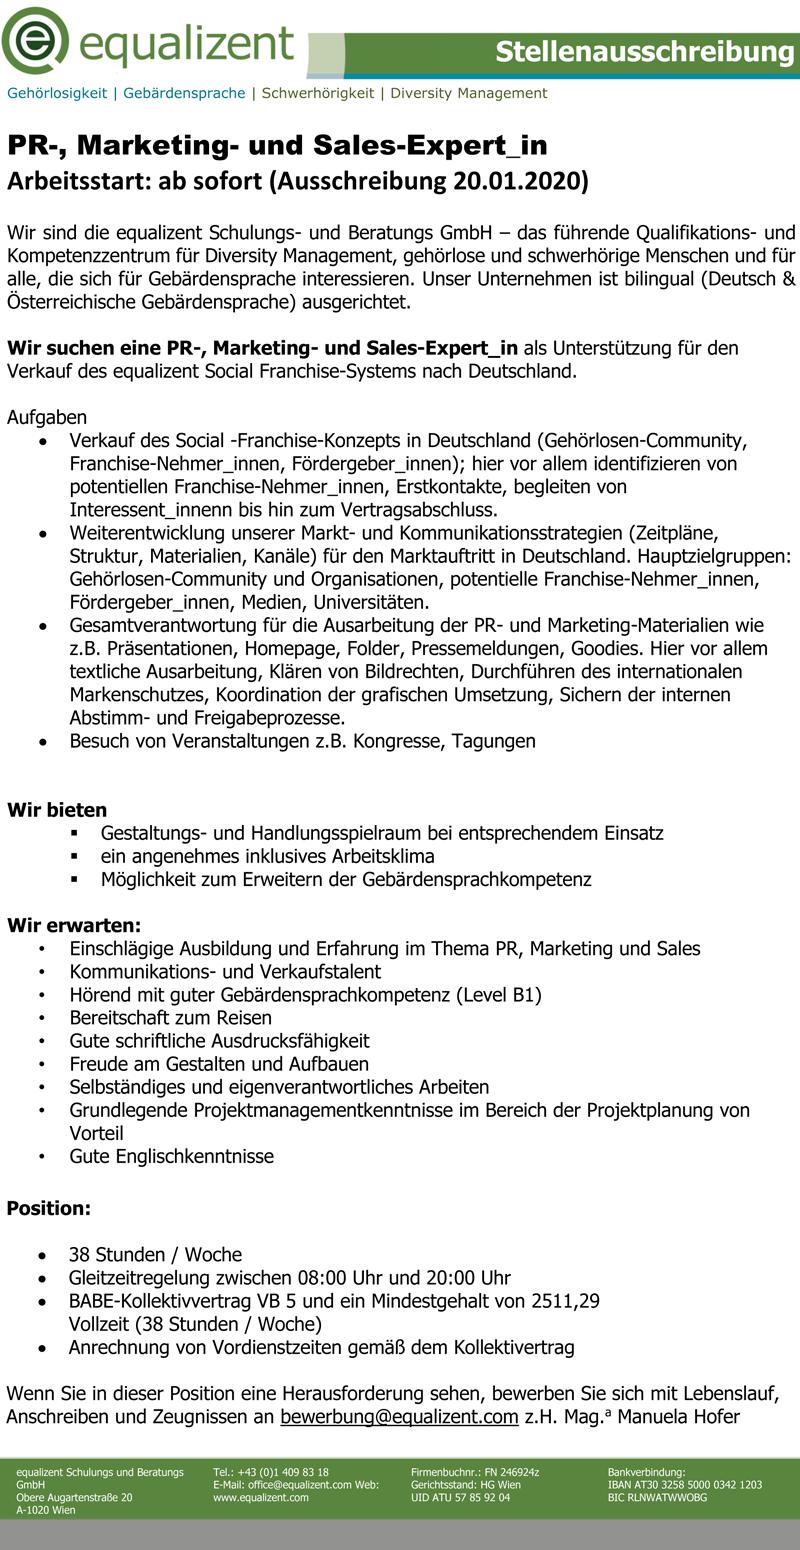 PR-, Marketing- und Sales-Expertjn Arbeitsstart: ab sofort (Ausschreibung 20.01.2020) Wir sind die equalizent Schulungs- und Beratungs GmbH - das führende Qualifications- und Kompetenzzentrum für Diversity Management, gehörlose und schwerhörige Menschen und für alle, die sich für Gebärdensprache interessieren. Unser Unternehmen ist bilingual (Deutsch & Österreichische Gebärdensprache) ausgerichtet. Wir suchen eine PR-, Marketing- und Sales-Expert_in als Unterstützung für den Verkauf des equalizent Social Franchise-Systems nach Deutschland. Aufgaben • Verkauf des Social -Franchise-Konzepts in Deutschland (Gehörlosen-Community, Franchise-Nehmerjnnen, Fördergeberjnnen); hier vor allem identifizieren von potentiellen Franchise-Nehmerjnnen, Erstkontakte, begleiten von Interessentjnnenn bis hin zum Vertragsabschluss. • Weiterentwicklung unserer Markt- und Kommunikationsstrategien (Zeitpläne, Struktur, Materialien, Kanäle) für den Marktauftritt in Deutschland. Hauptzielgruppen: Gehörlosen-Community und Organisationen, potentielle Franchise-Nehmerjnnen, Fördergeberjnnen, Medien, Universitäten. • Gesamtverantwortung für die Ausarbeitung der PR- und Marketing-Materialien wie z.B. Präsentationen, Homepage, Folder, Pressemeldungen, Goodies. Hier vor allem textliche Ausarbeitung, Klären von Bildrechten, Durchführen des internationalen Markenschutzes, Koordination der grafischen Umsetzung, Sichern der internen Abstimm- und Freigabeprozesse. • Besuch von Veranstaltungen z.B. Kongresse, Tagungen Wir bieten Gestaltungs- und Handlungsspielraum bei entsprechendem Einsatz ein angenehmes inklusives Arbeitsklima Möglichkeit zum Erweitern der Gebärdensprachkompetenz Wir erwarten: • Einschlägige Ausbildung und Erfahrung im Thema PR, Marketing und Sales • Kommunikations- und Verkaufstalent • Hörend mit guter Gebärdensprachkompetenz (Level Bl) • Bereitschaft zum Reisen • Gute schriftliche Ausdrucksfähigkeit • Freude am Gestalten und Aufbauen • Selbständiges und eigenverantwortliches Arbeiten